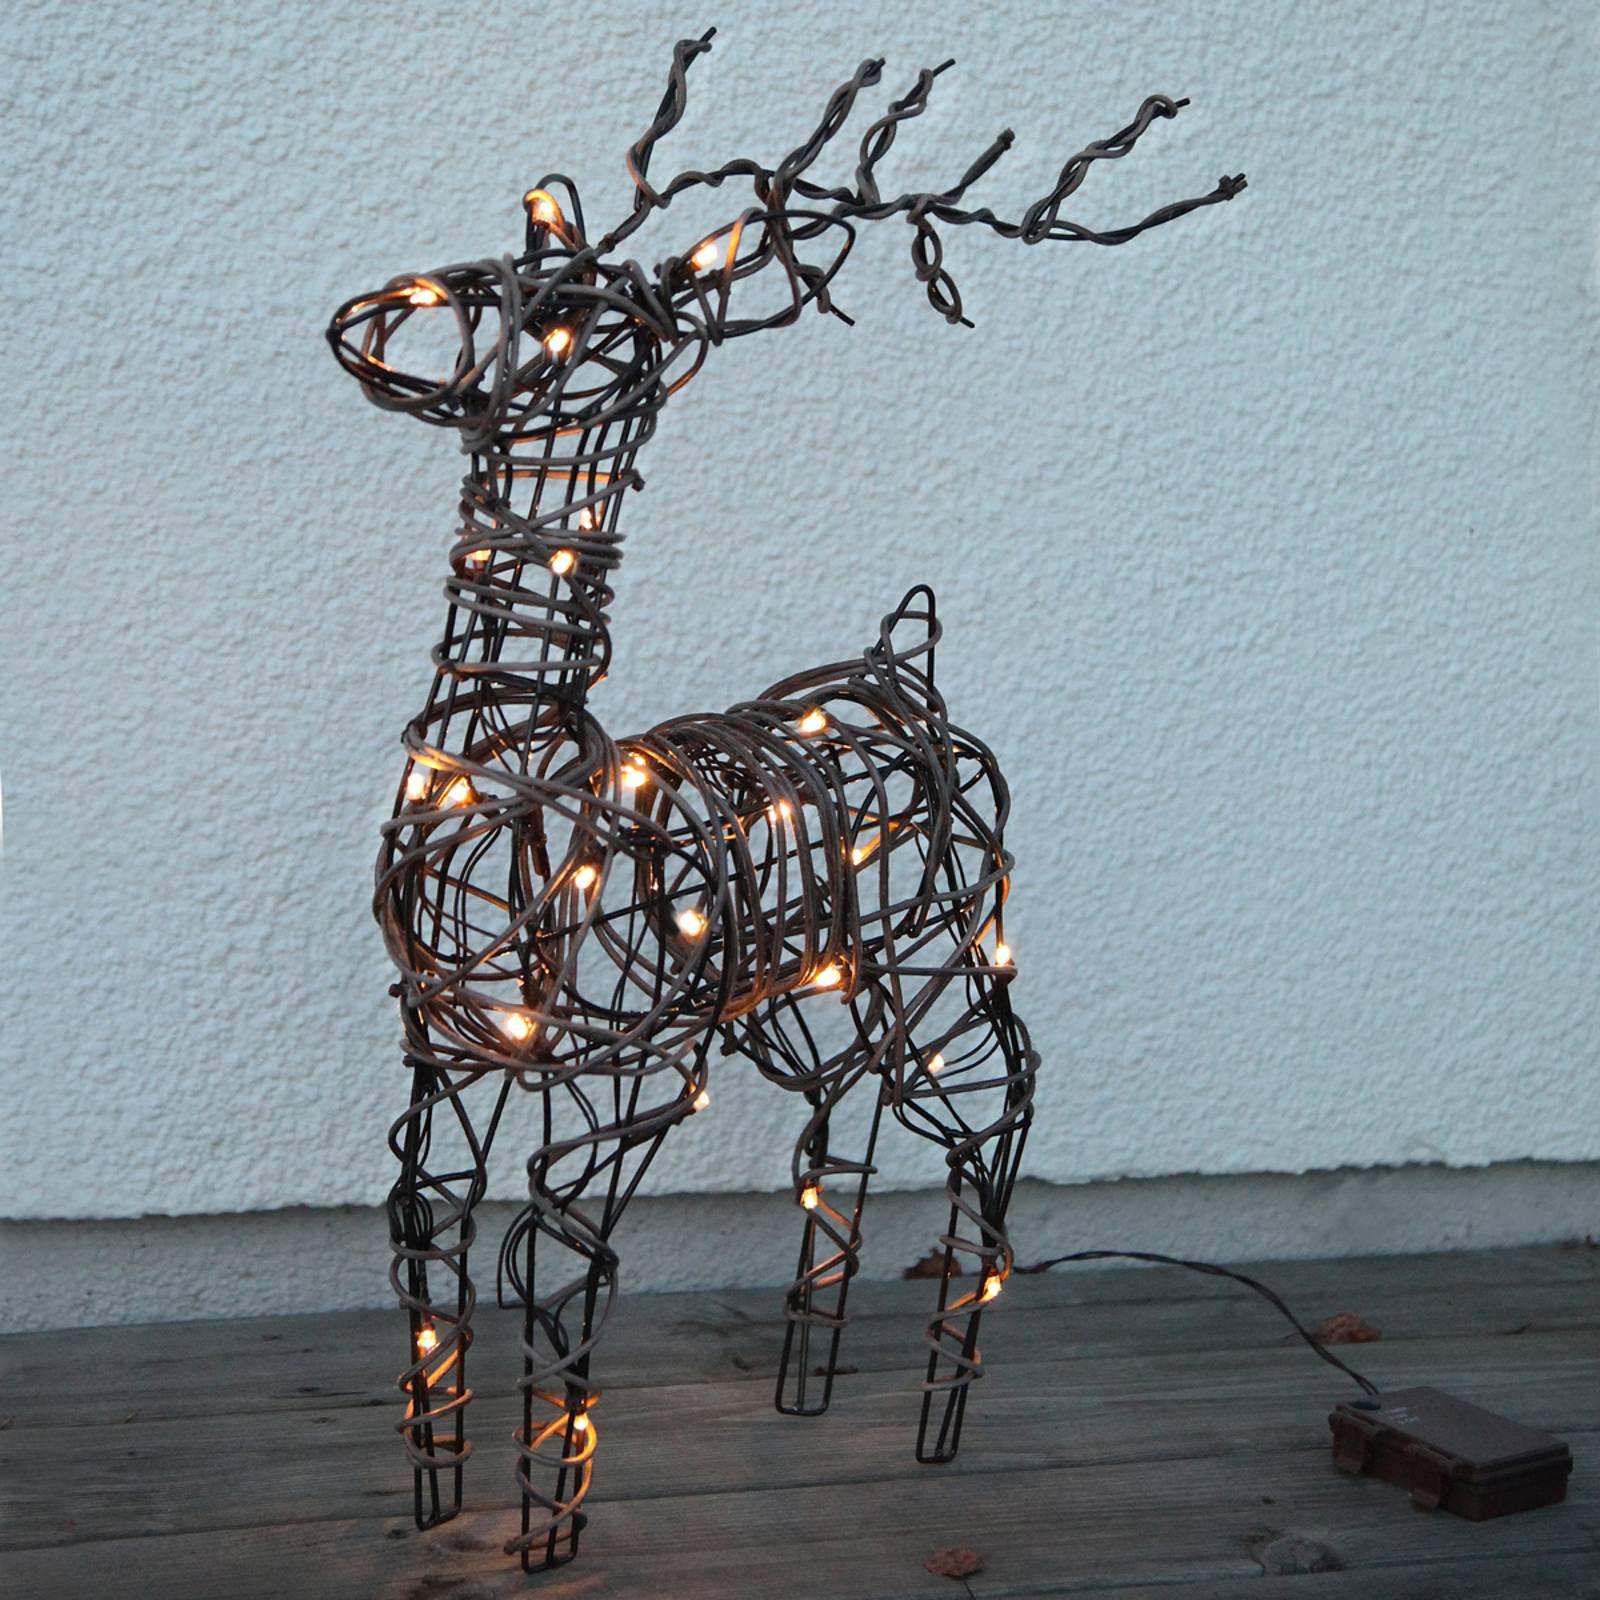 Deer-LED-ulkokoristevalo paristoilla, rottinkia